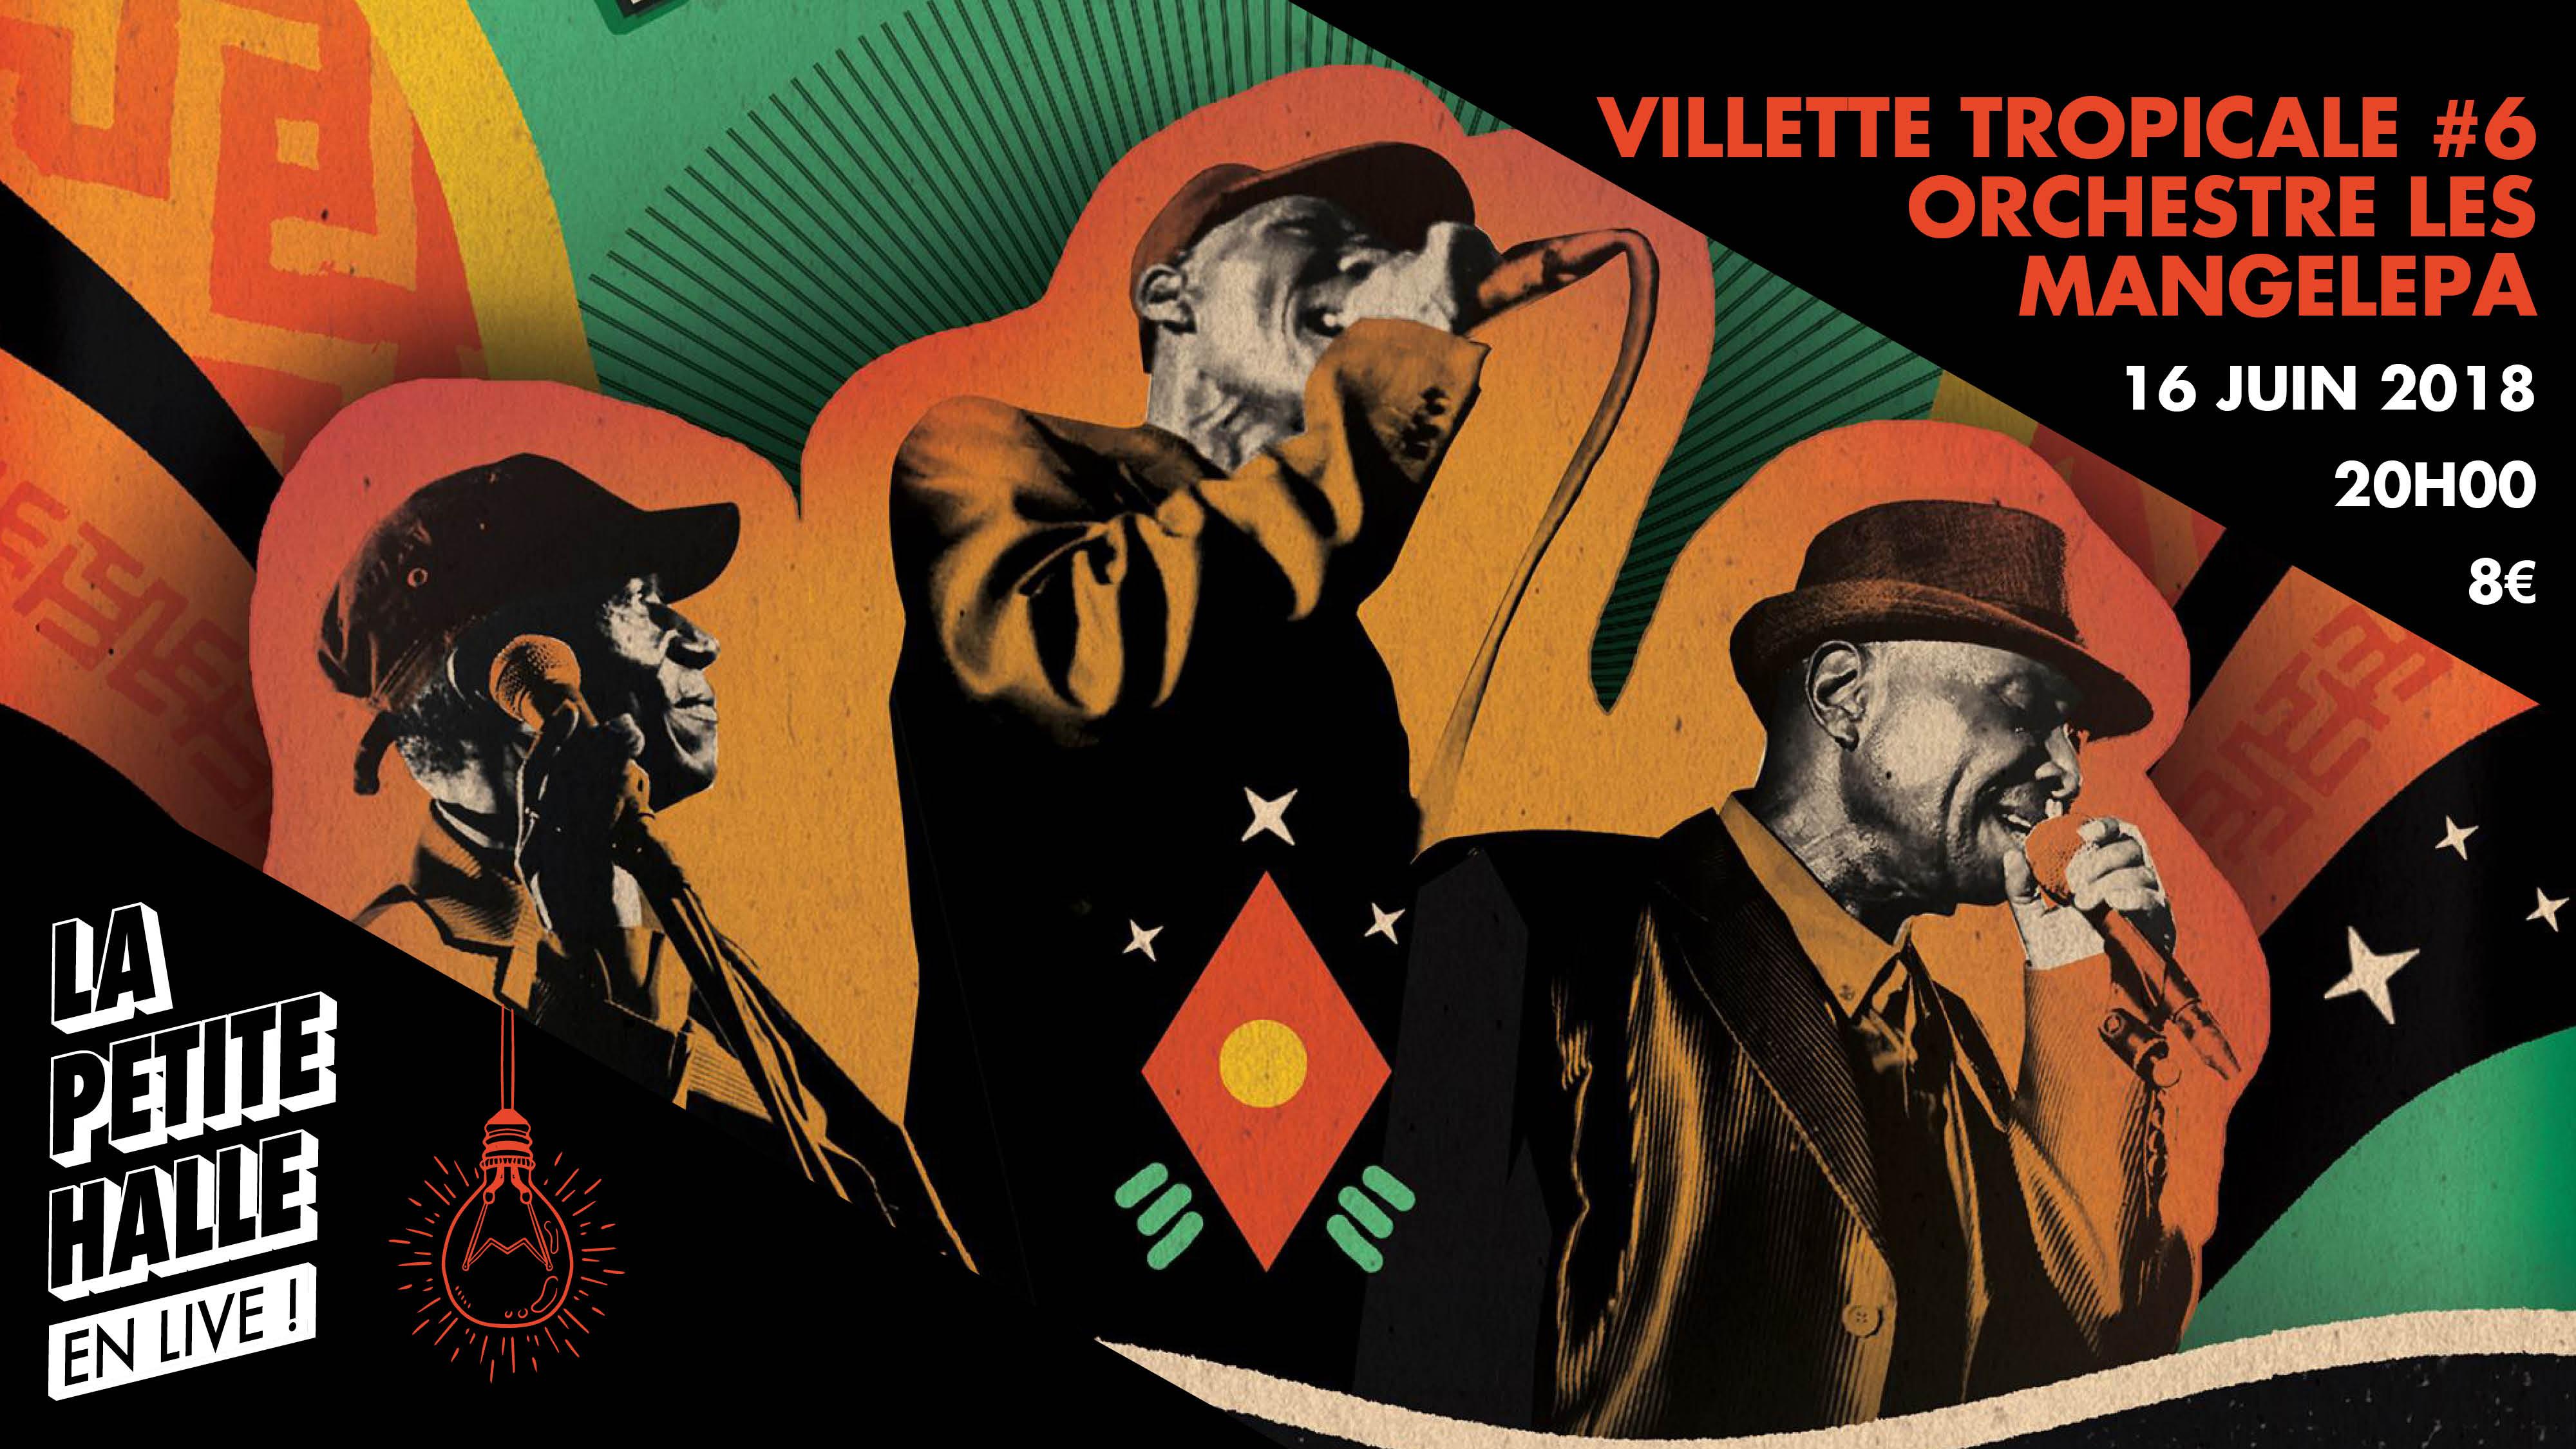 Villette Tropical #6 présente ORQUESTRE LES MANGELEPA